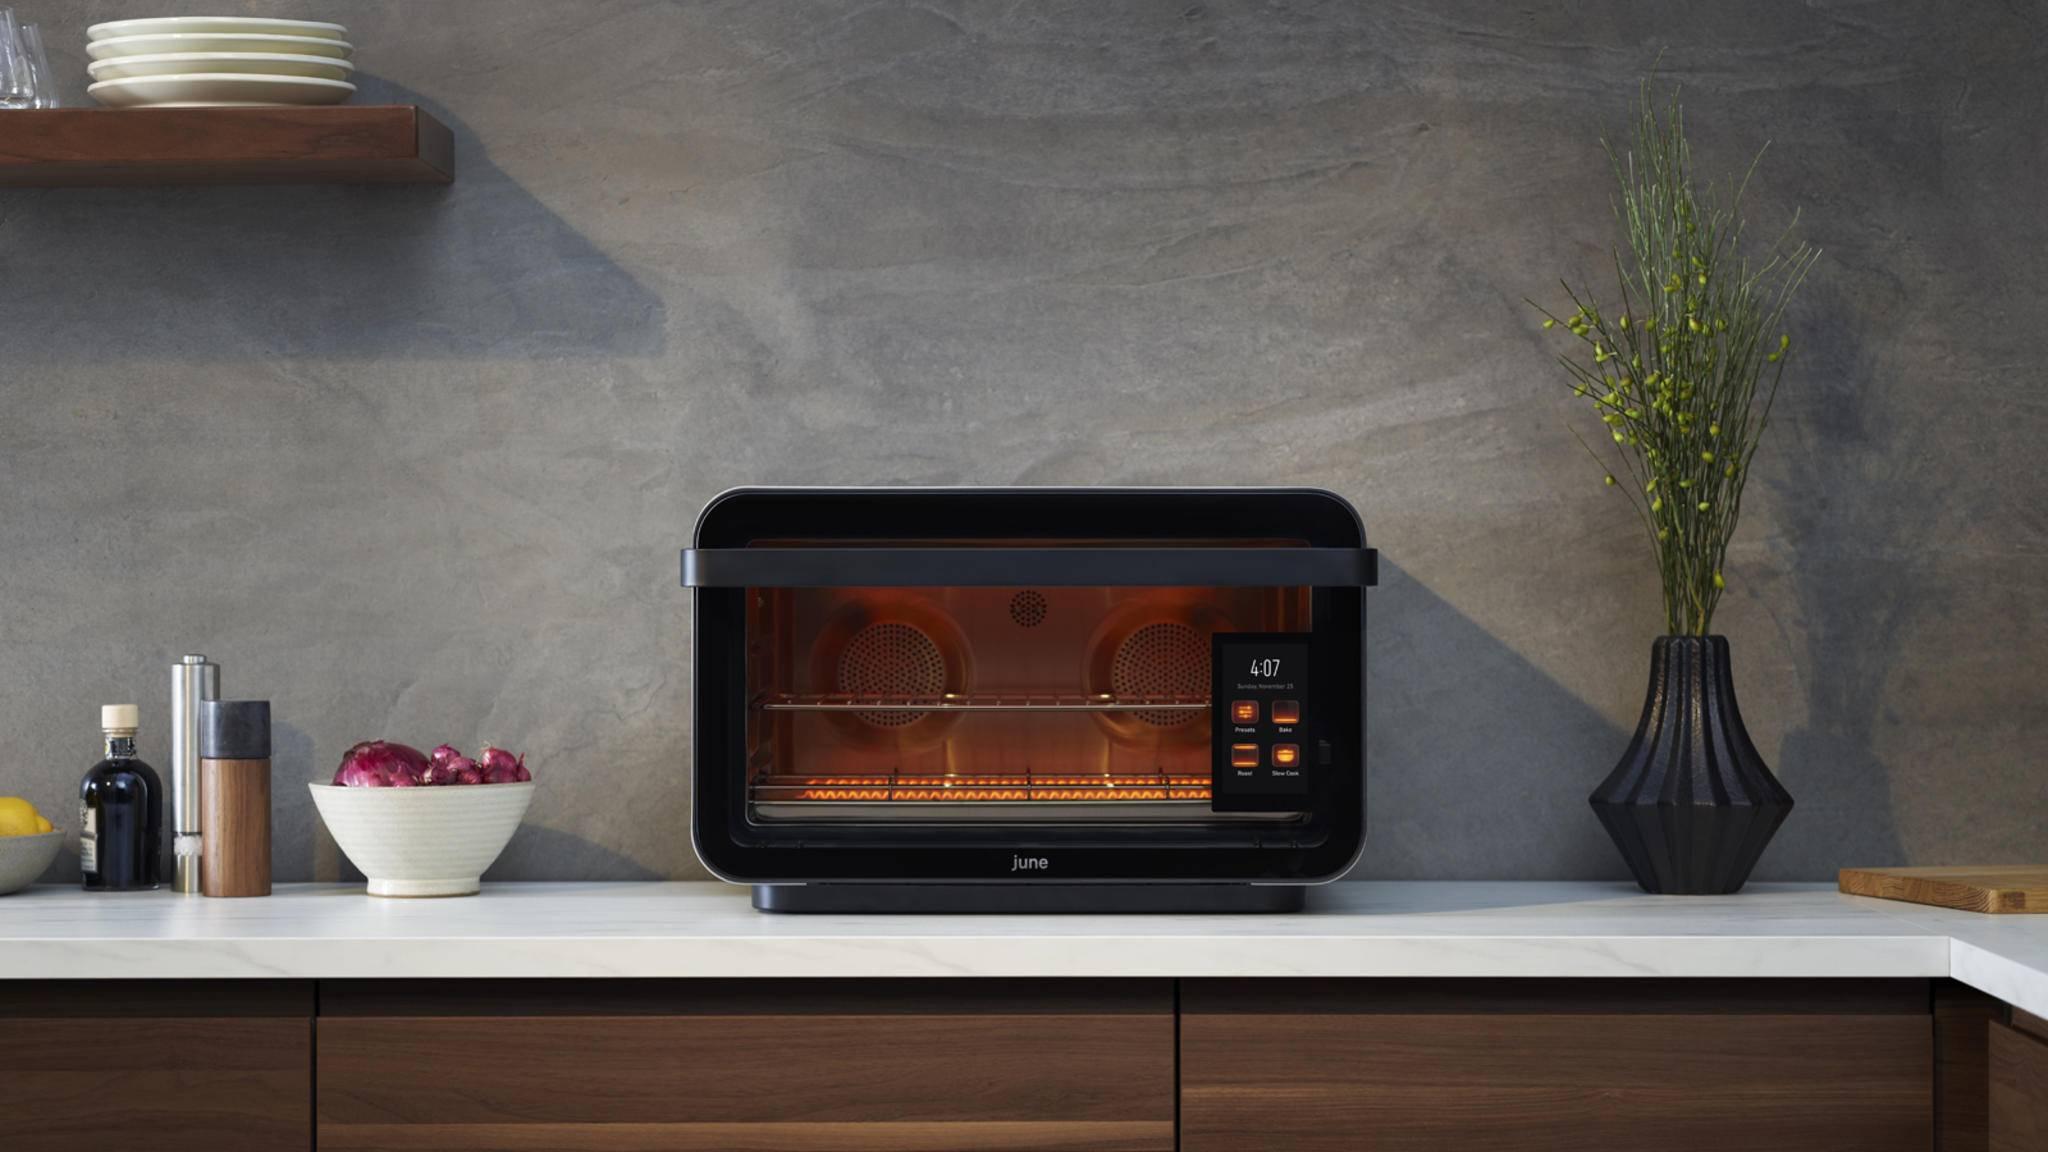 Essen rein, Programm wählen, warten, fertig: Mit June Oven soll kein Essen mehr verbrennen.